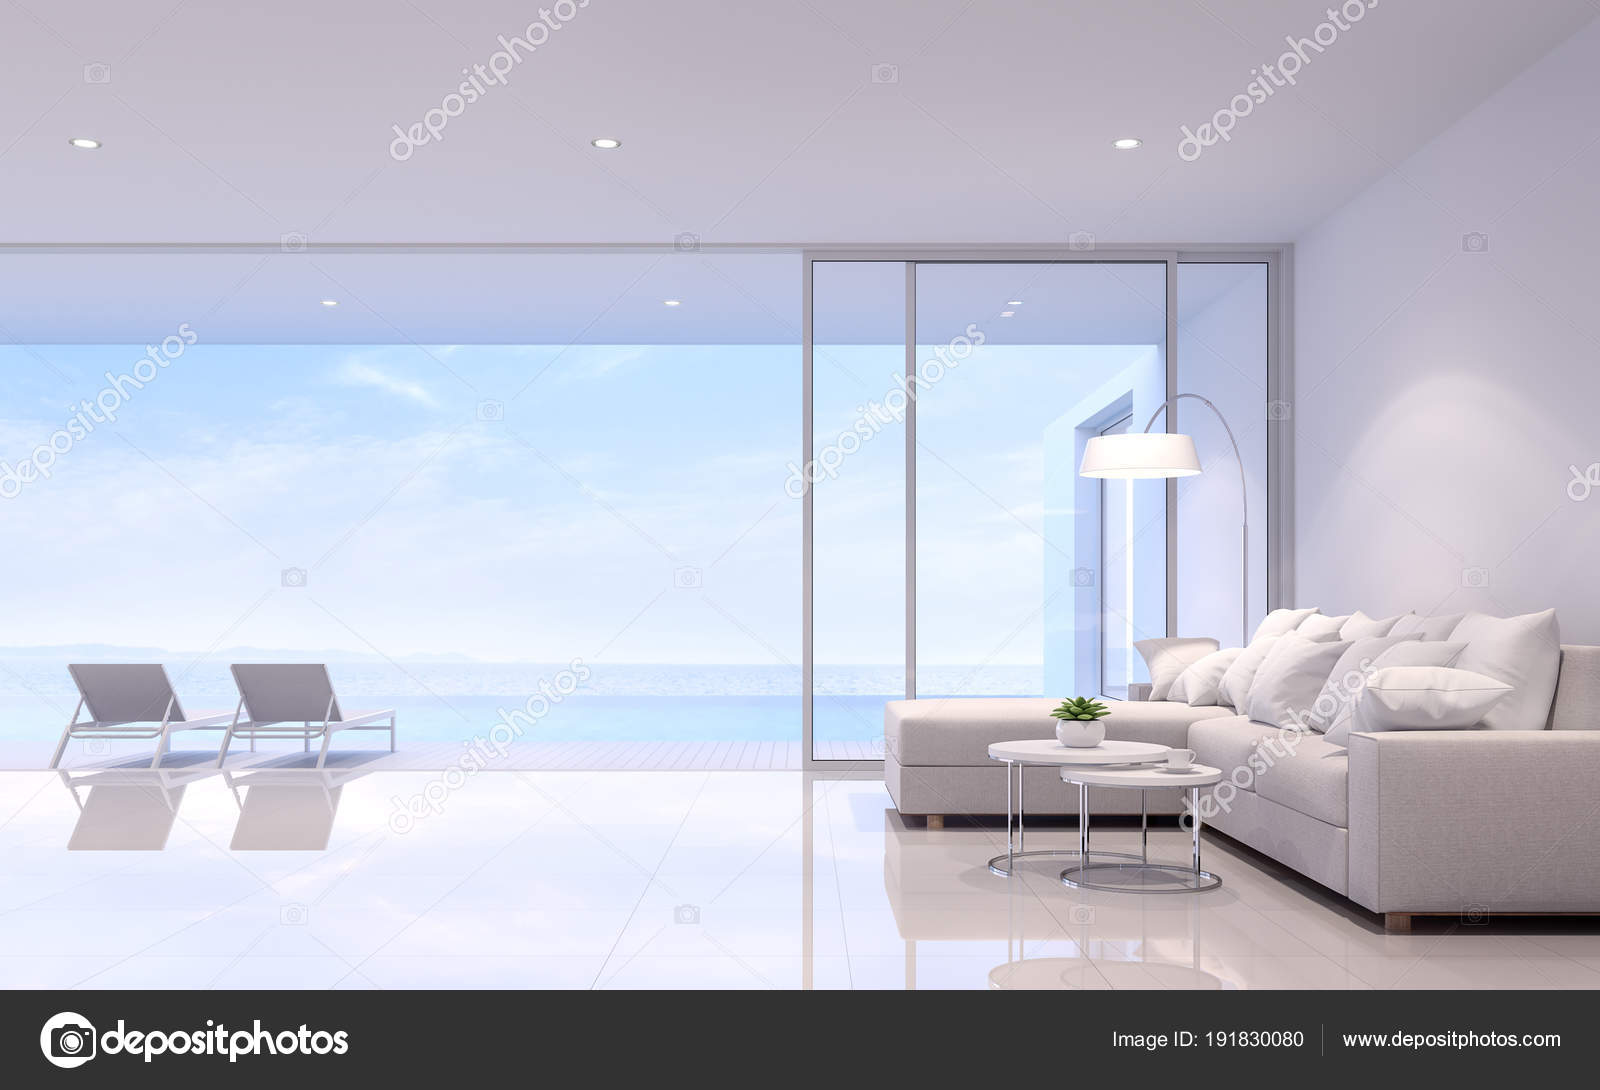 Koraalkleur De Woonkamer : Zwembad villa woonkamer render zijn witte kamer ingericht met